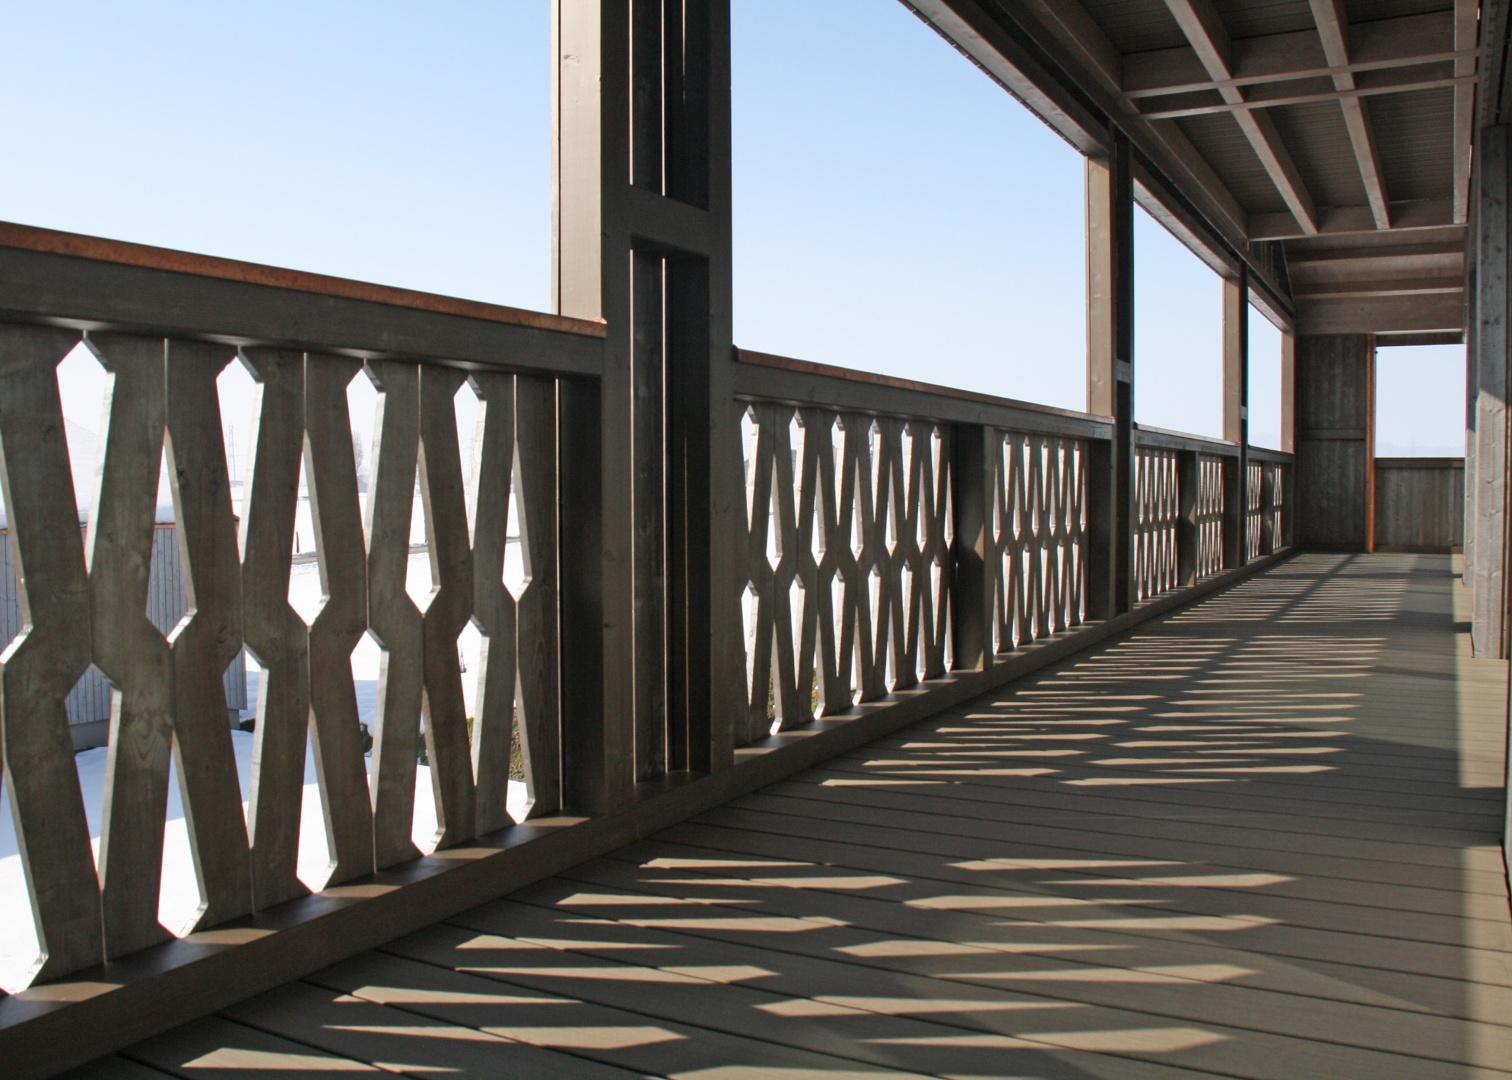 Balcon Perforaton © Fäh Architektur, René Rötheli, zimmermannfotografie